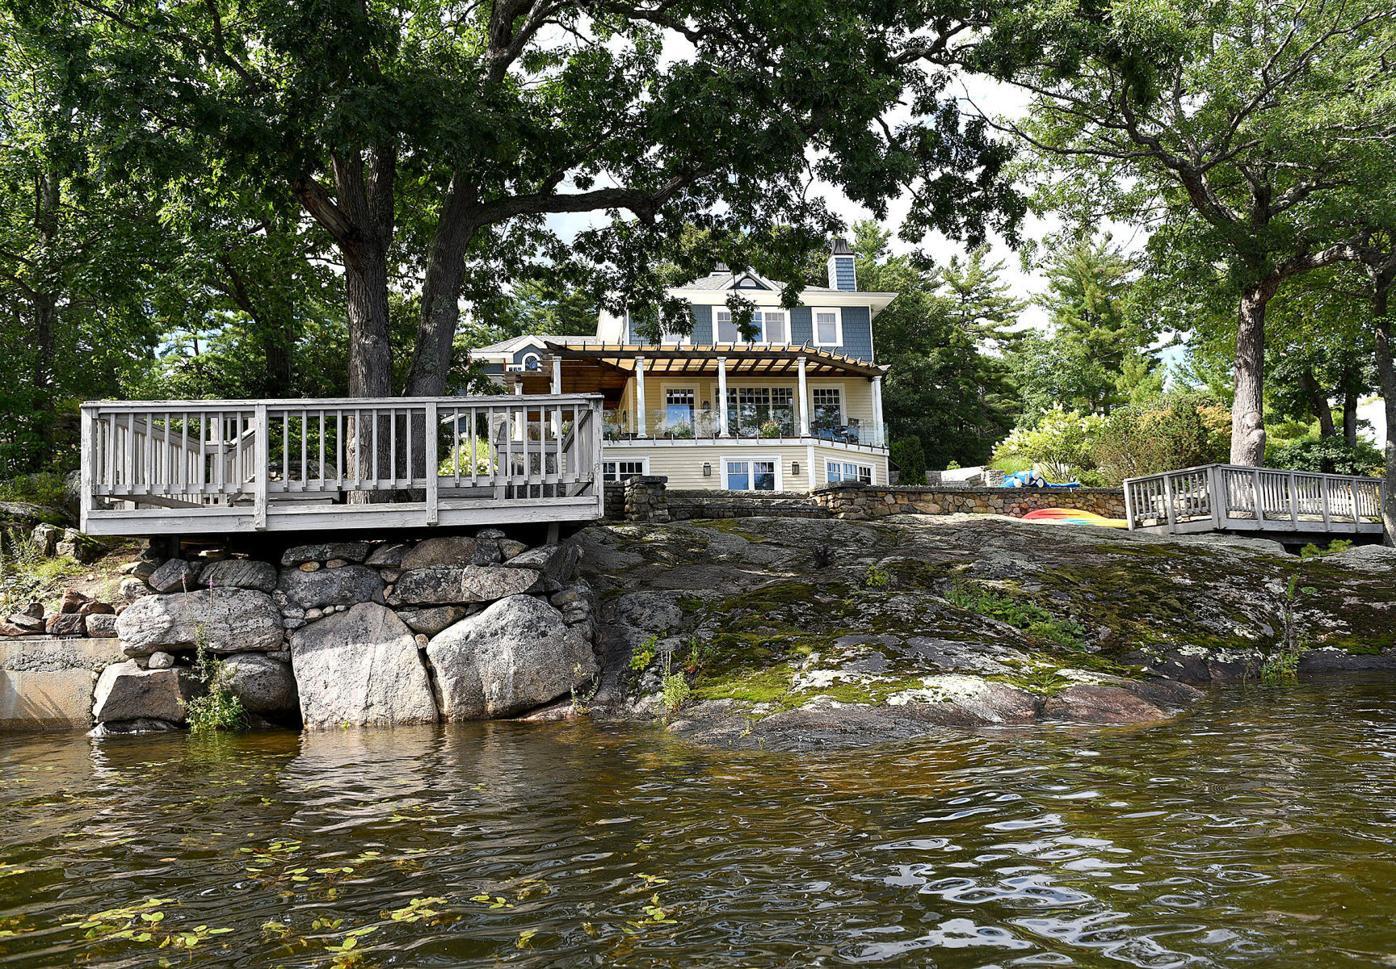 Baboosic Lake Property